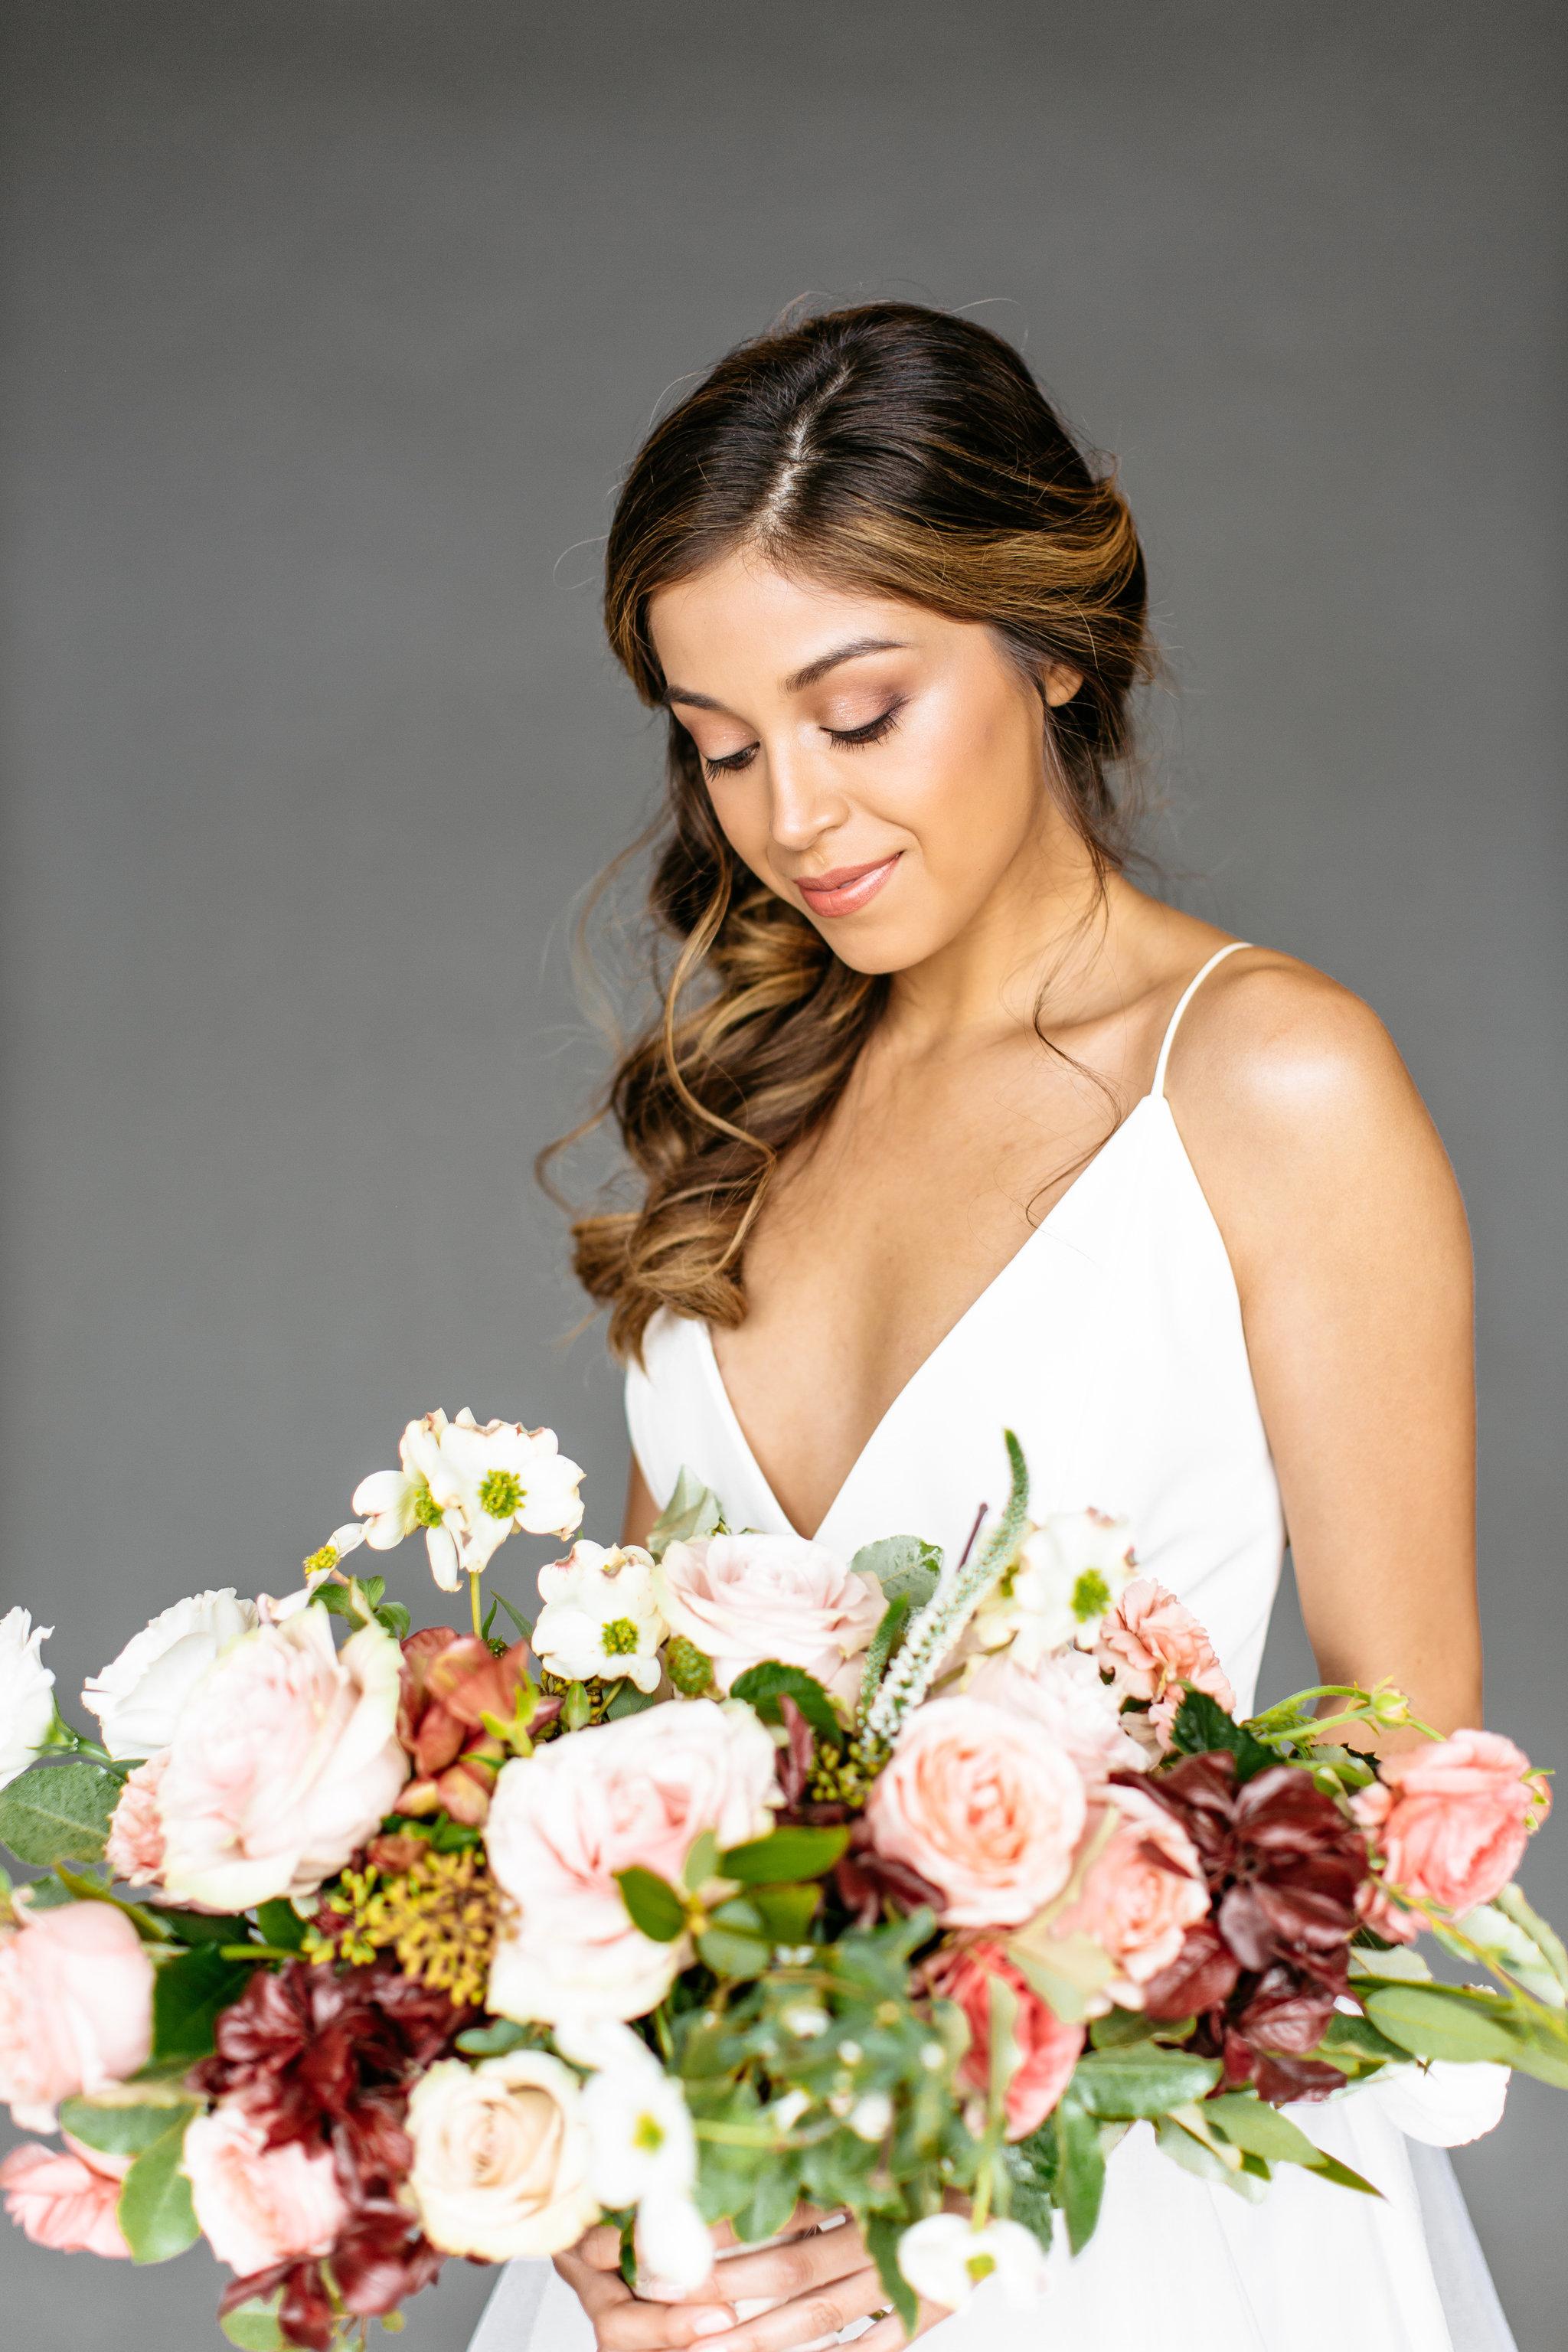 Alexa-Vossler-Photo_Dallas-Wedding-Photographer_Photoshoot-at-the-Station-McKinney_Empower-Event-8.jpg